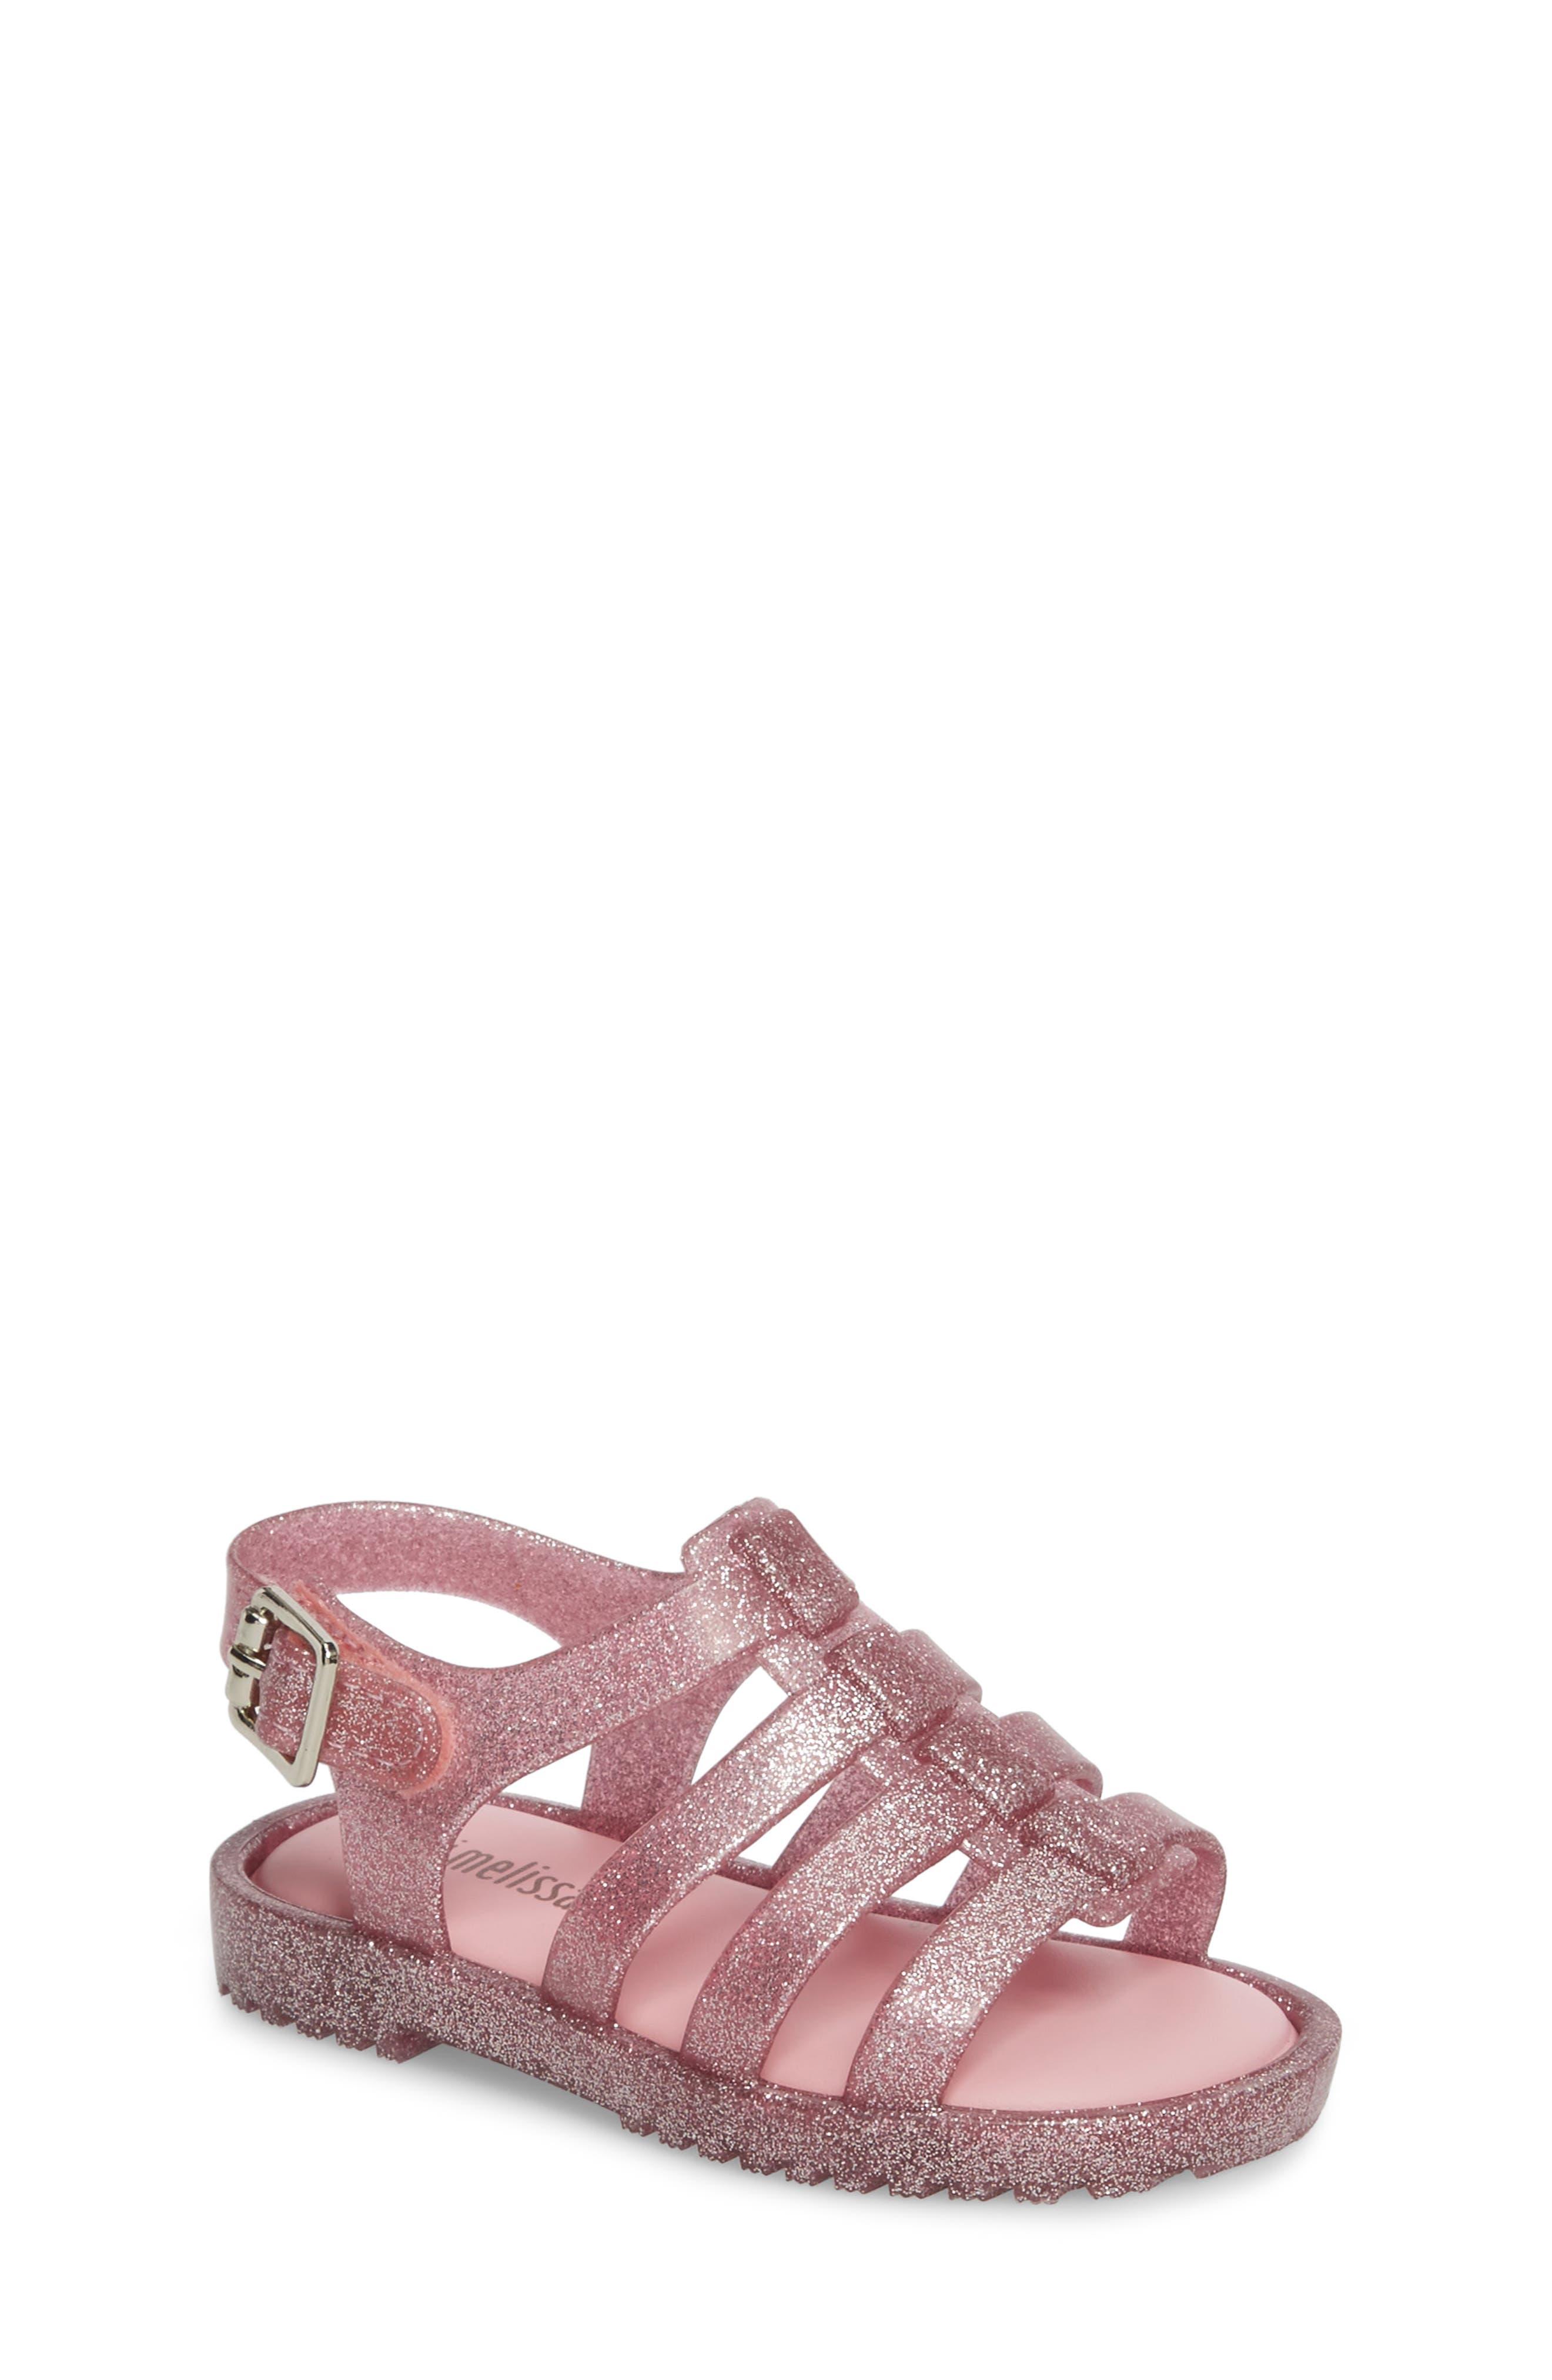 'Flox' Sandal,                         Main,                         color, 657